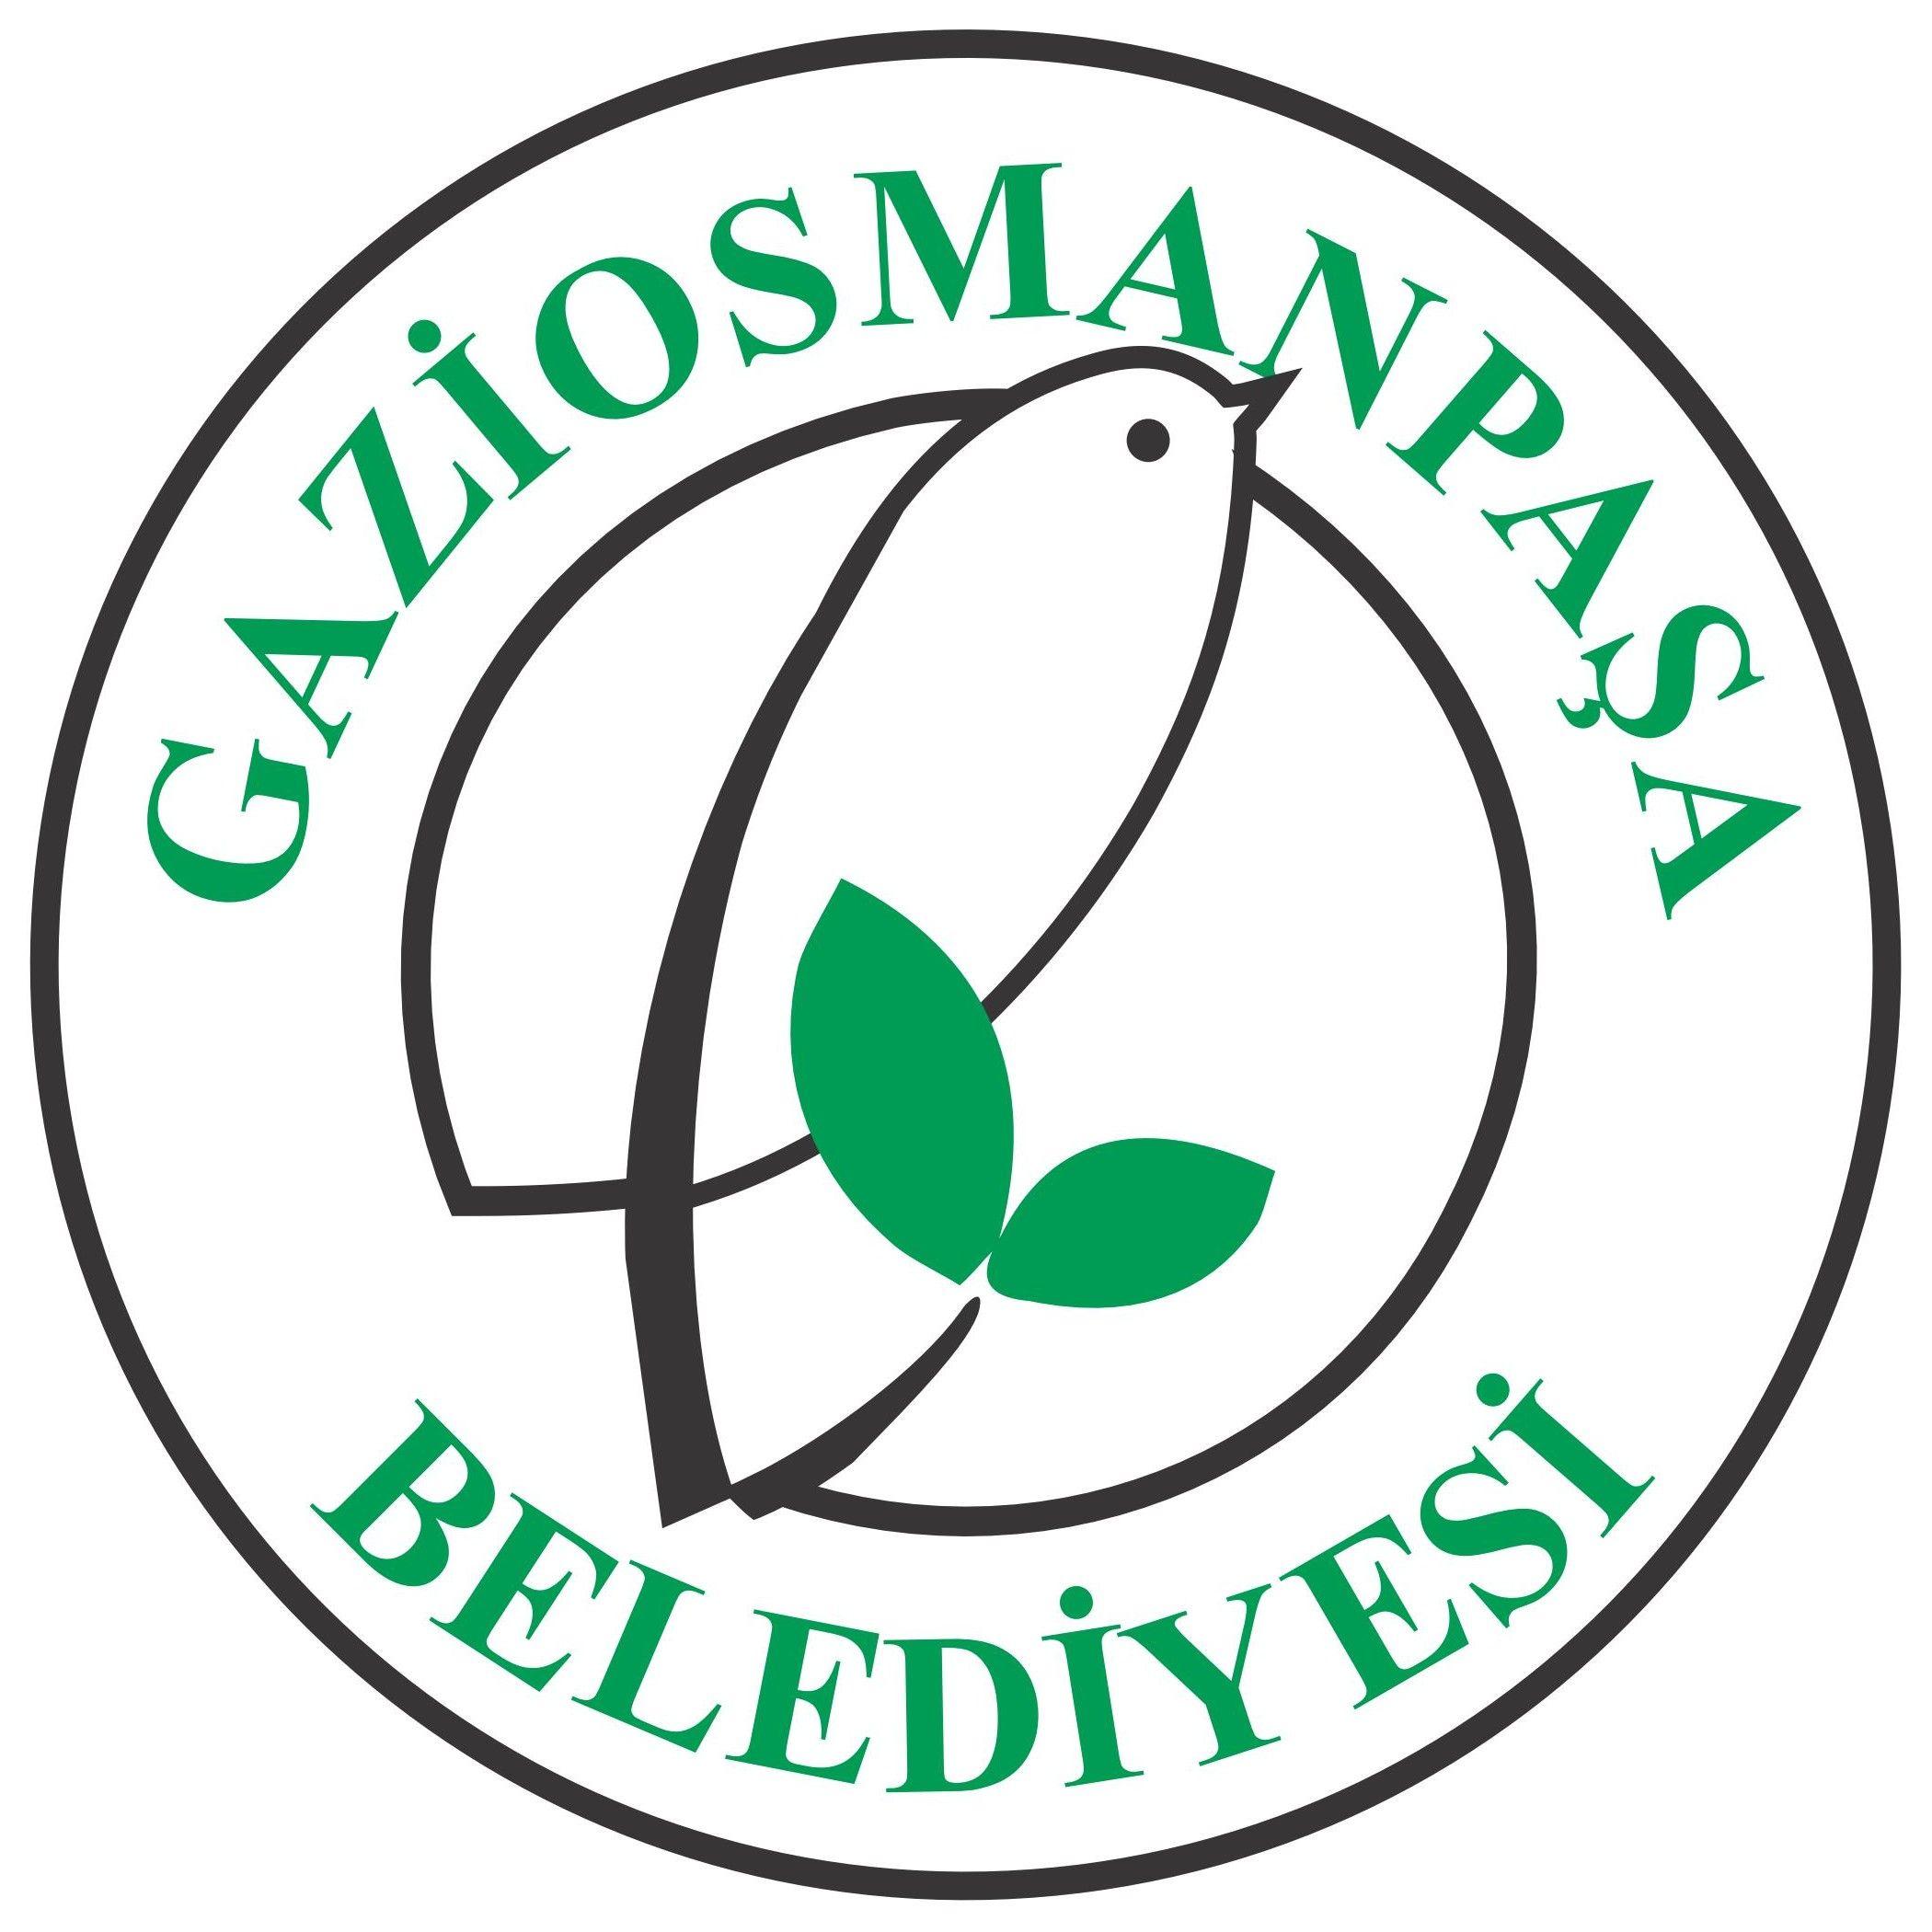 Gaziosmanpaşa Belediyesi (İstanbul) Logo Download Vector